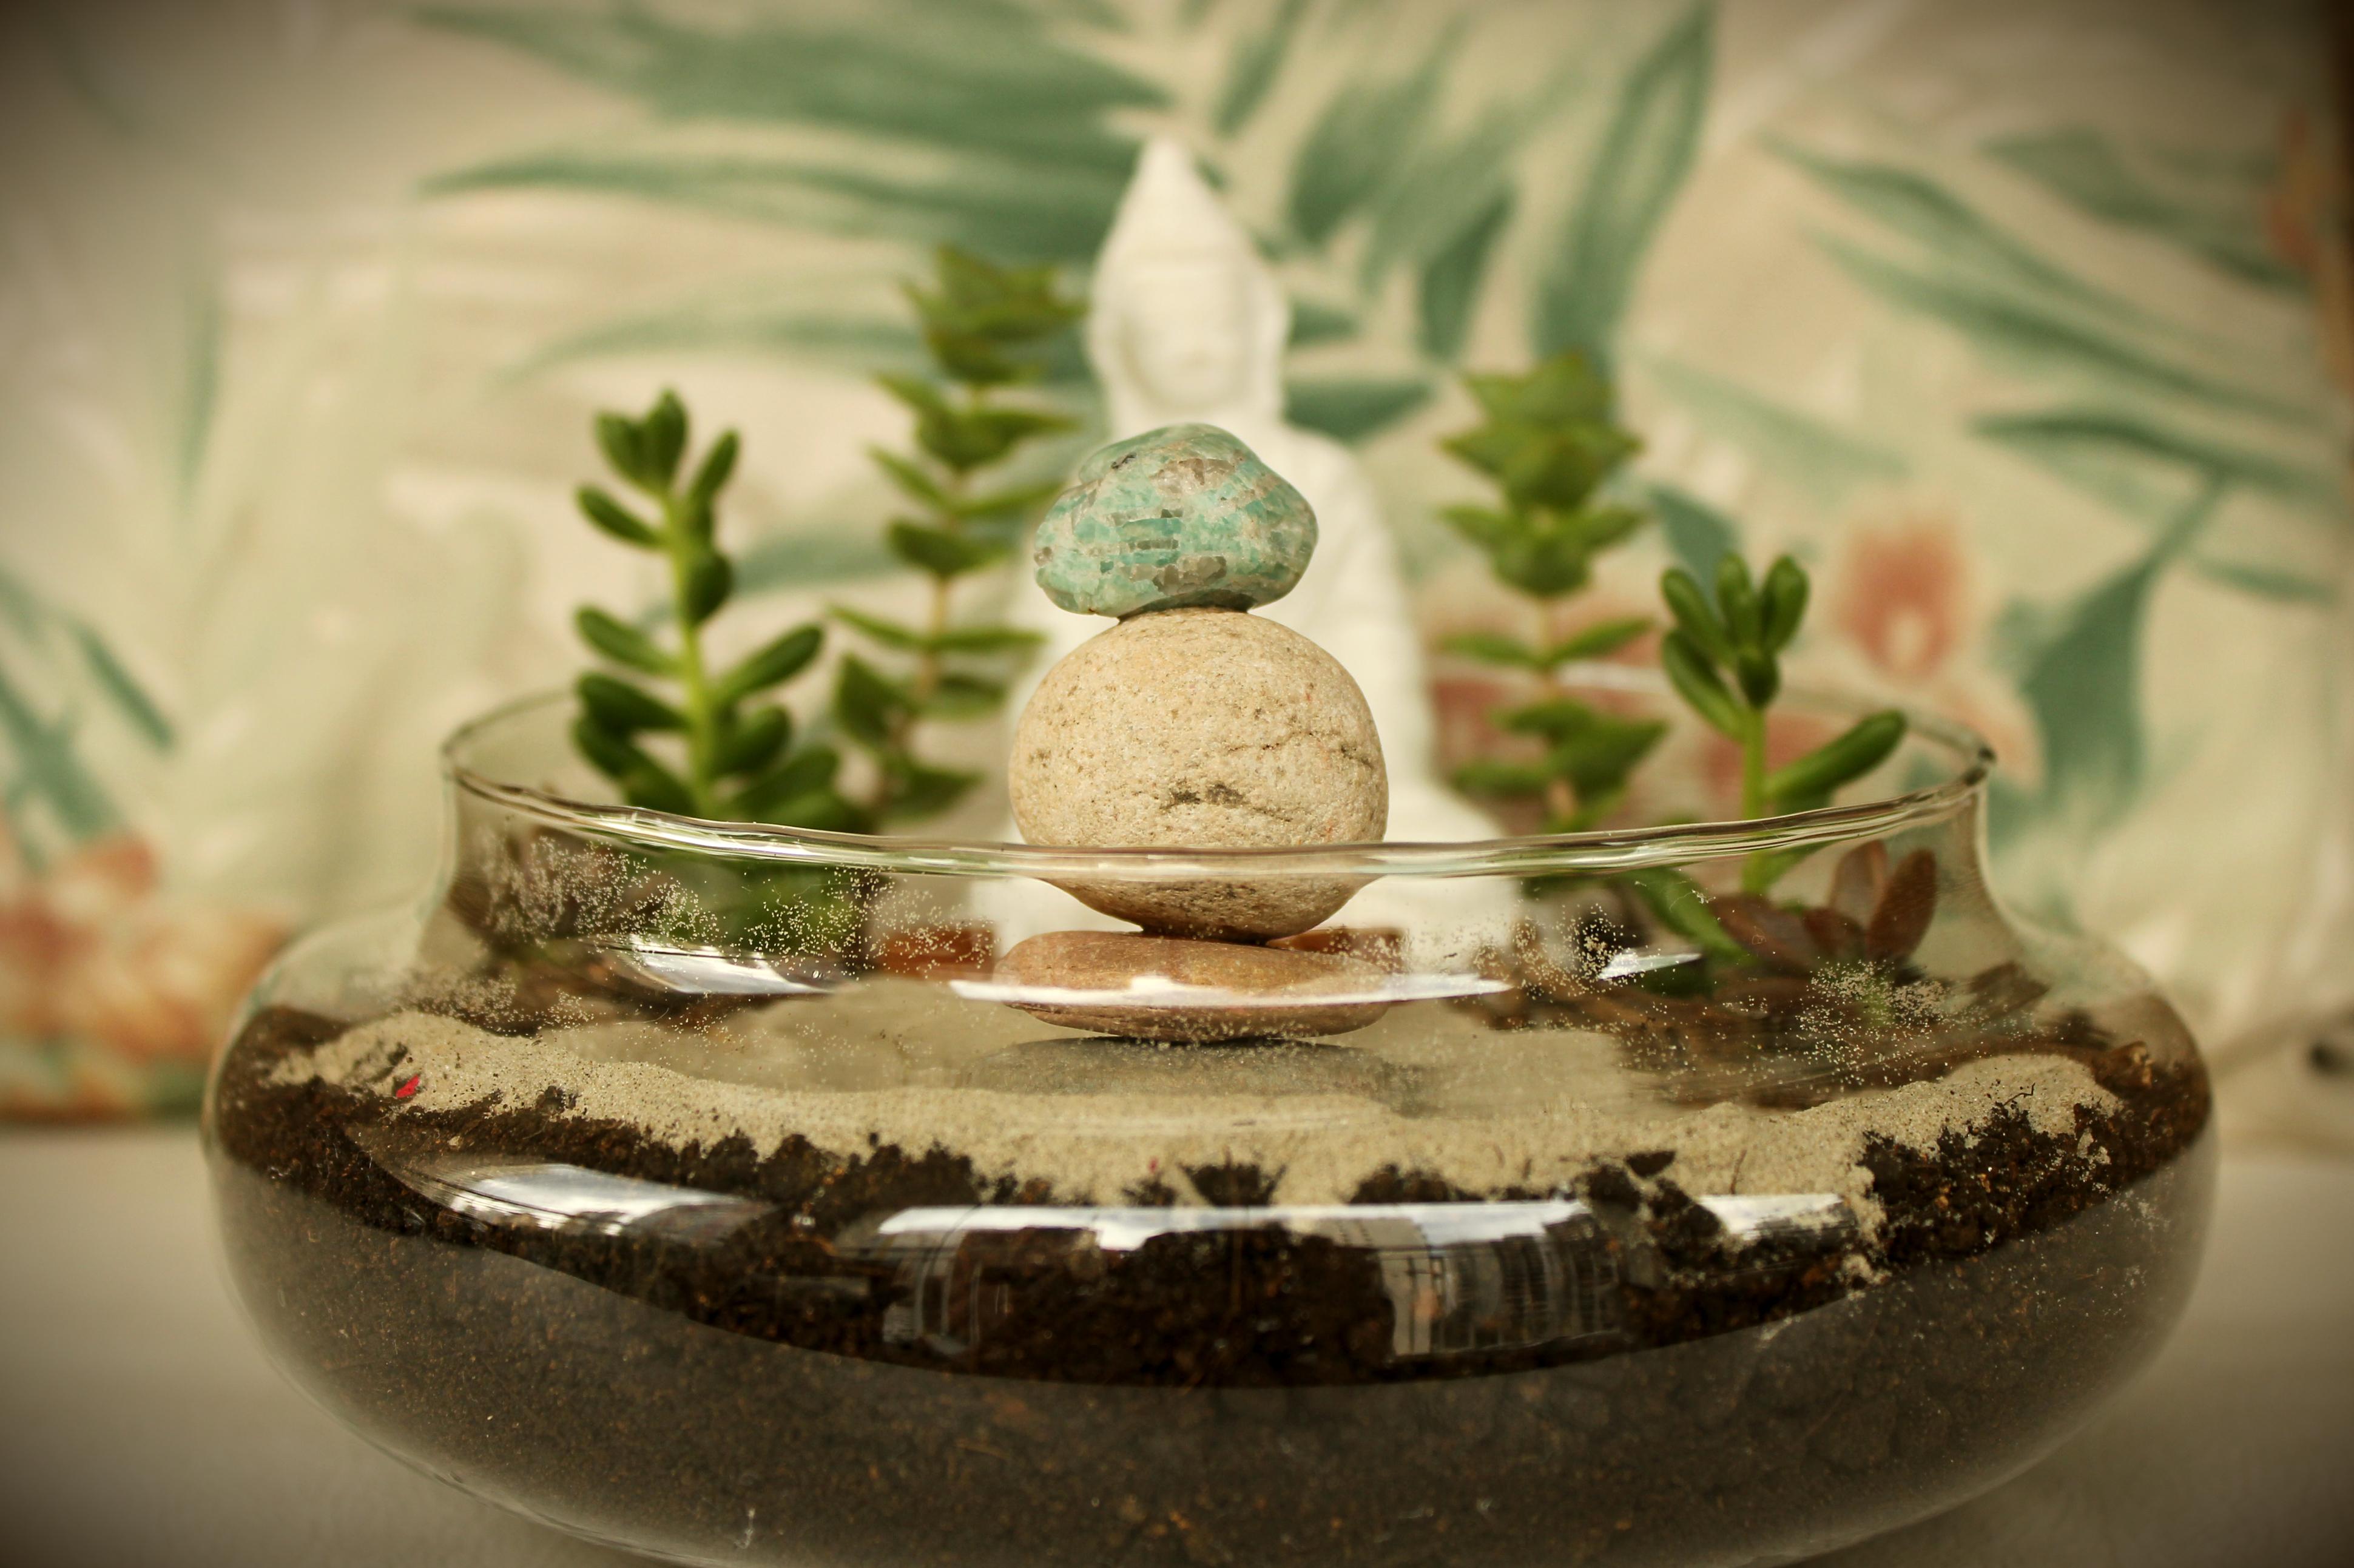 mini jardim de vidro:Buda Meditation Garden